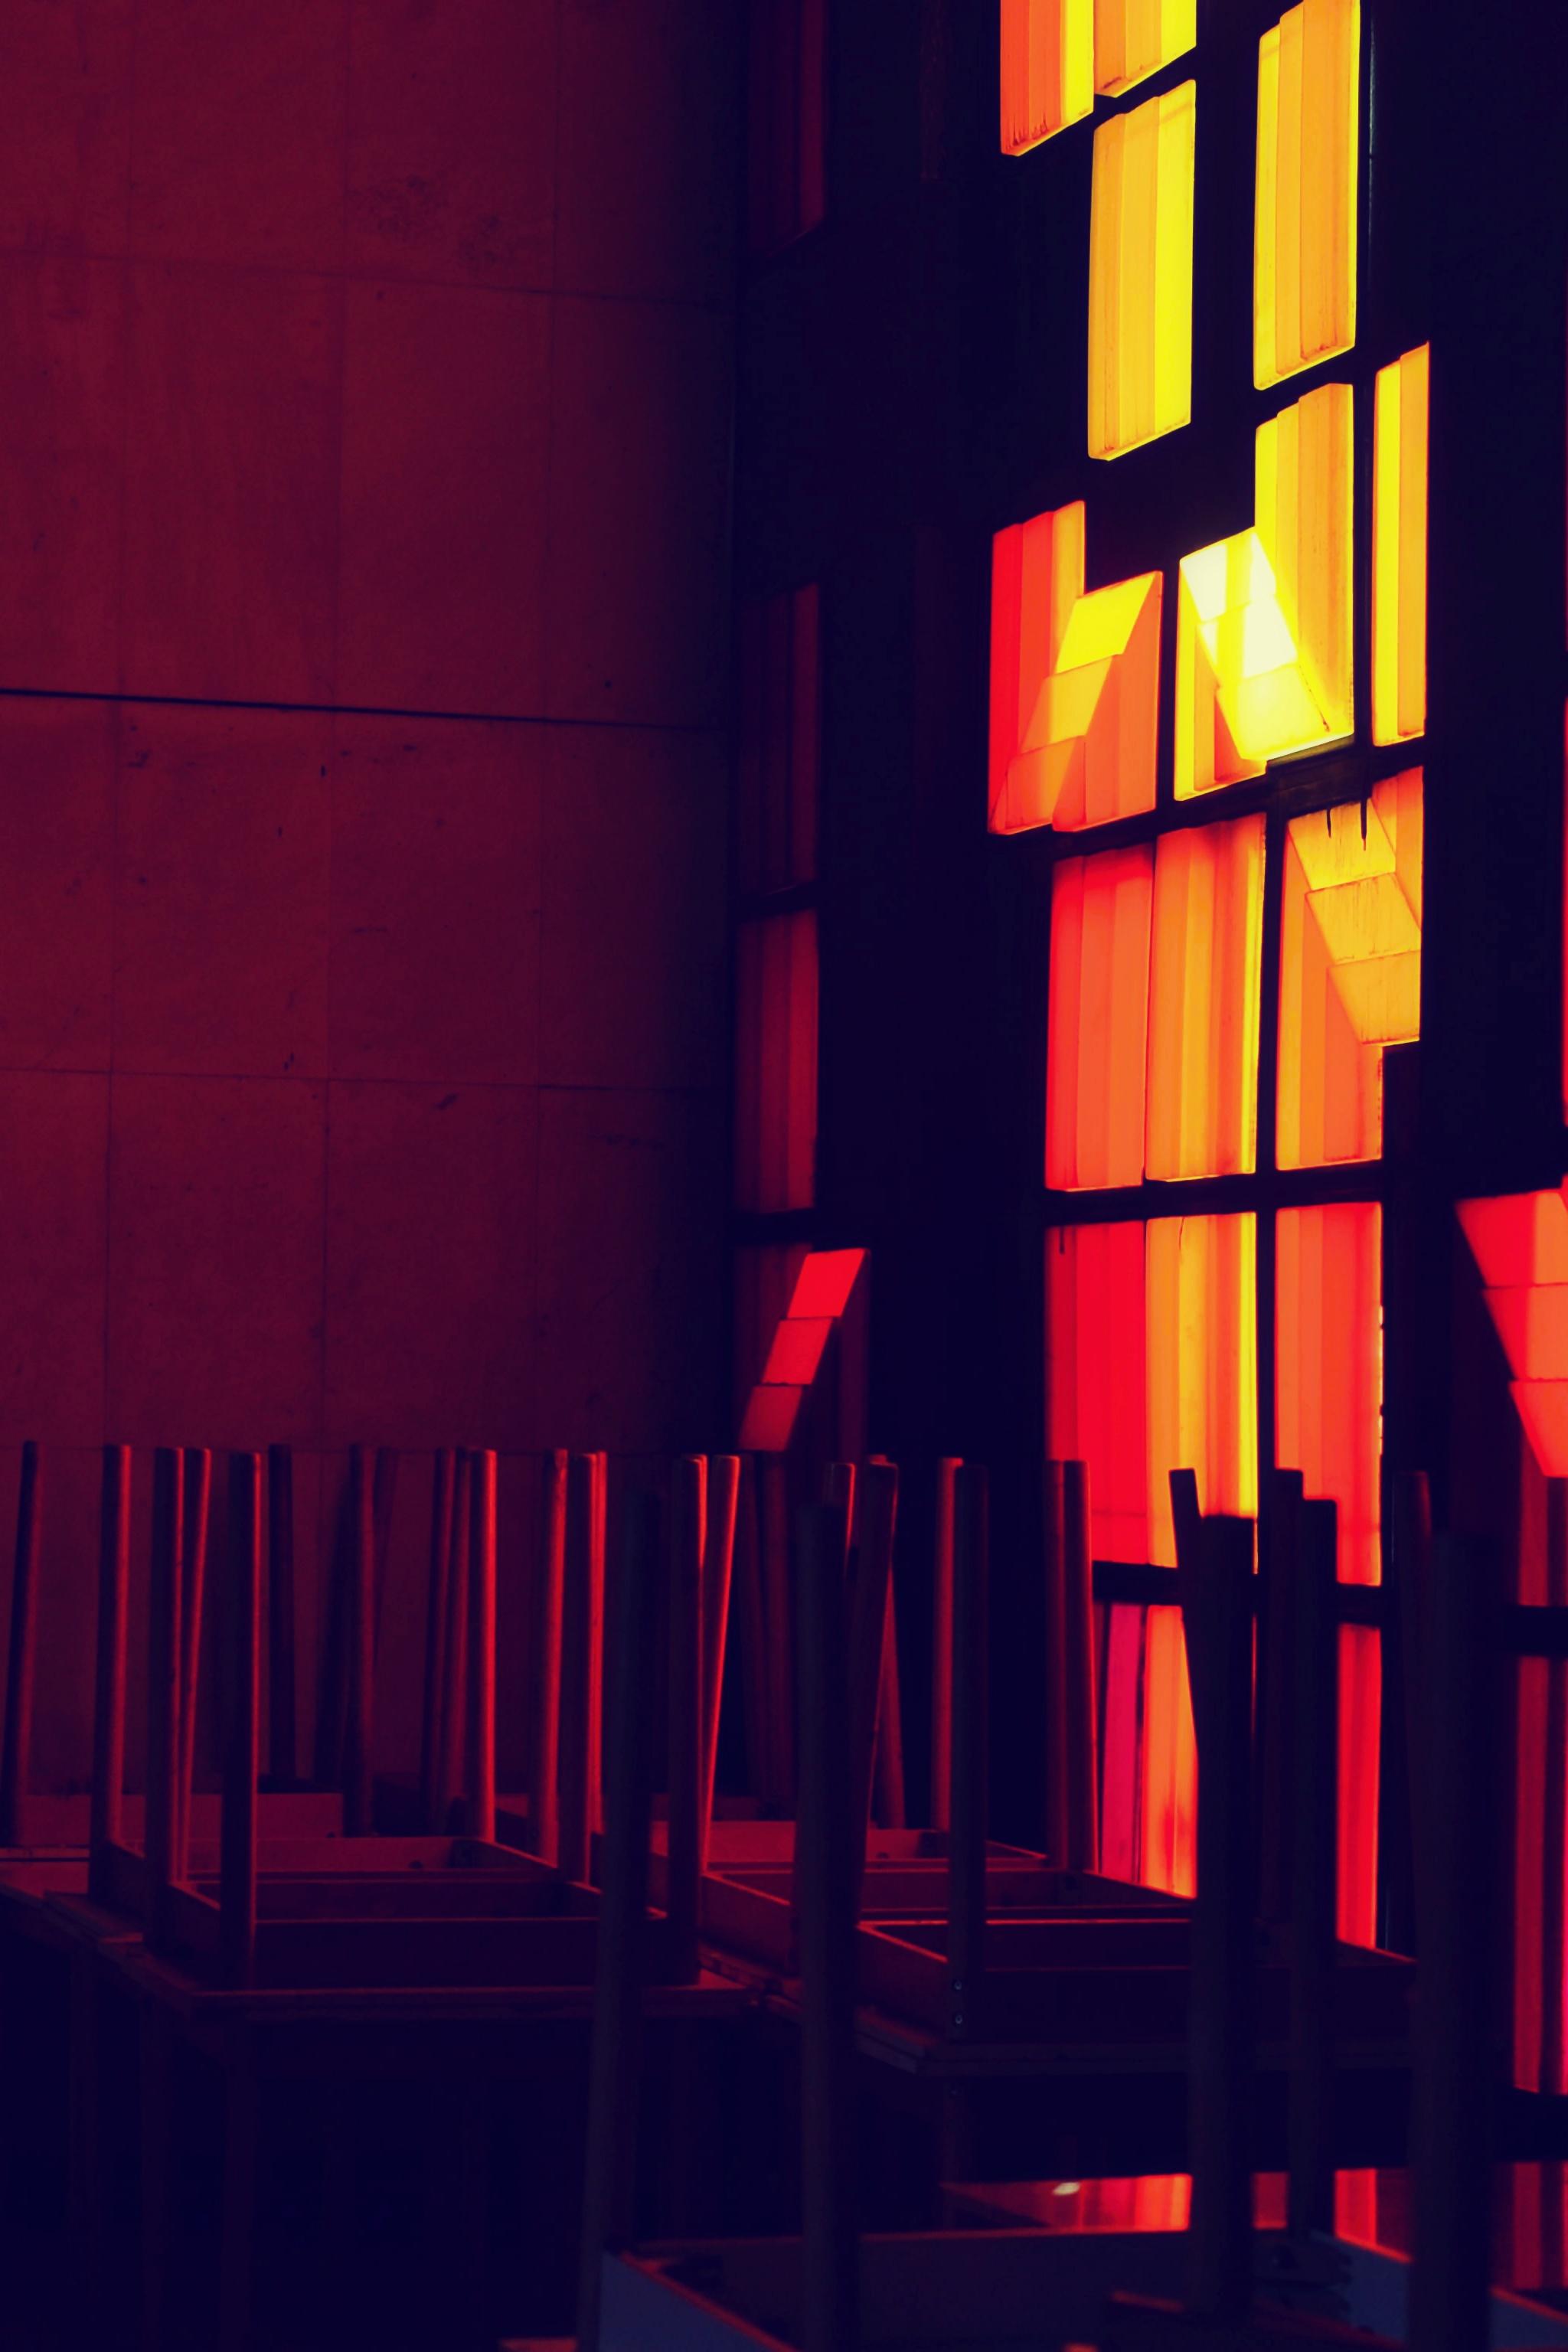 Plisovaná blúzka od Bonprixu_Katharine-fashion is beautiful_blog 1_Plisovaná blúzka_Červené nohavice_Katarína Jakubčová_Fashion blogger